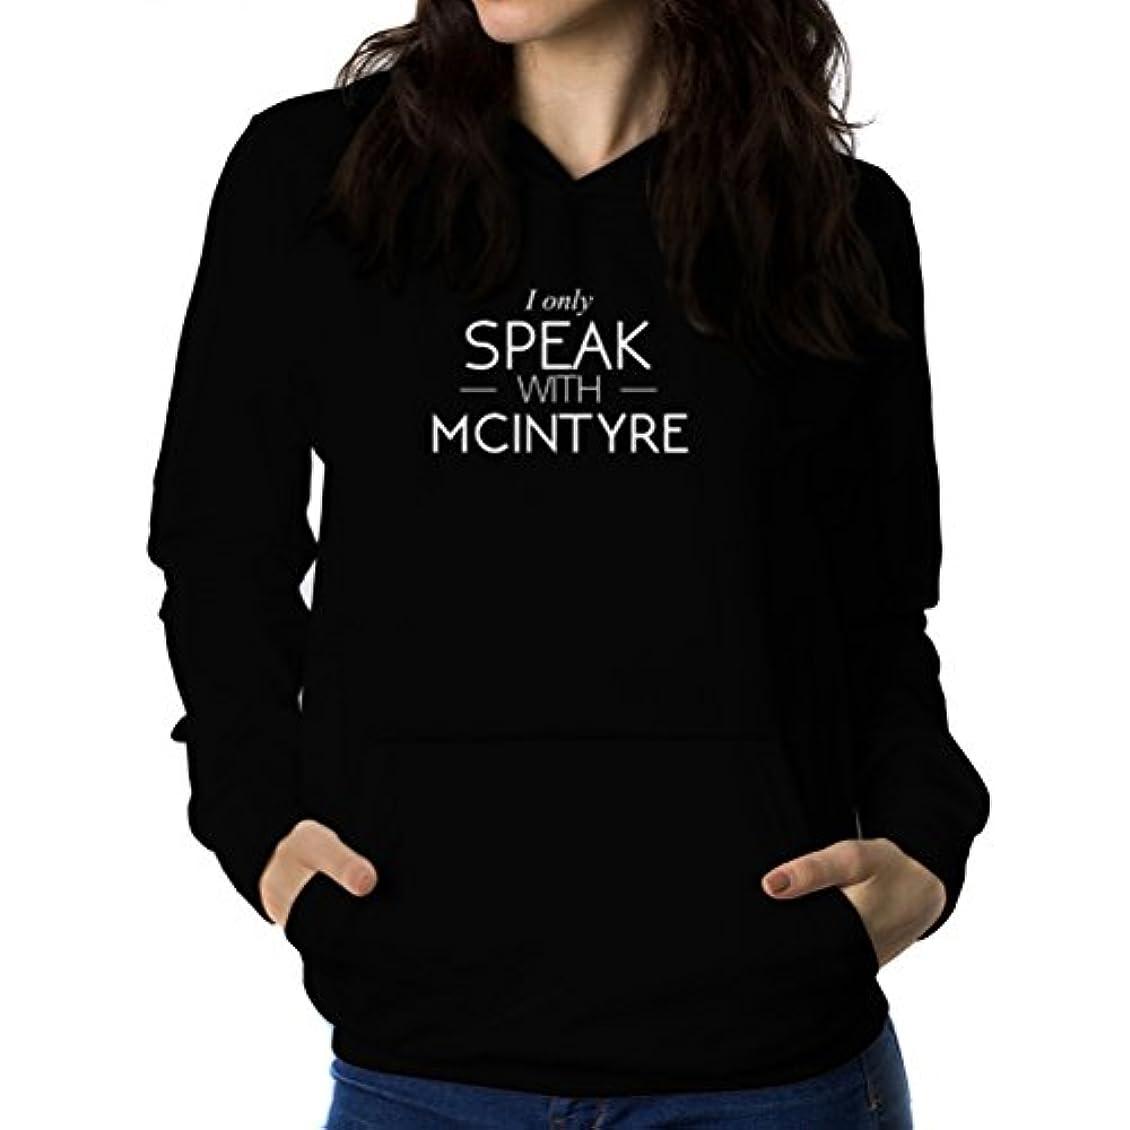 計器代理店学習I only speak with McIntyre 女性 フーディー